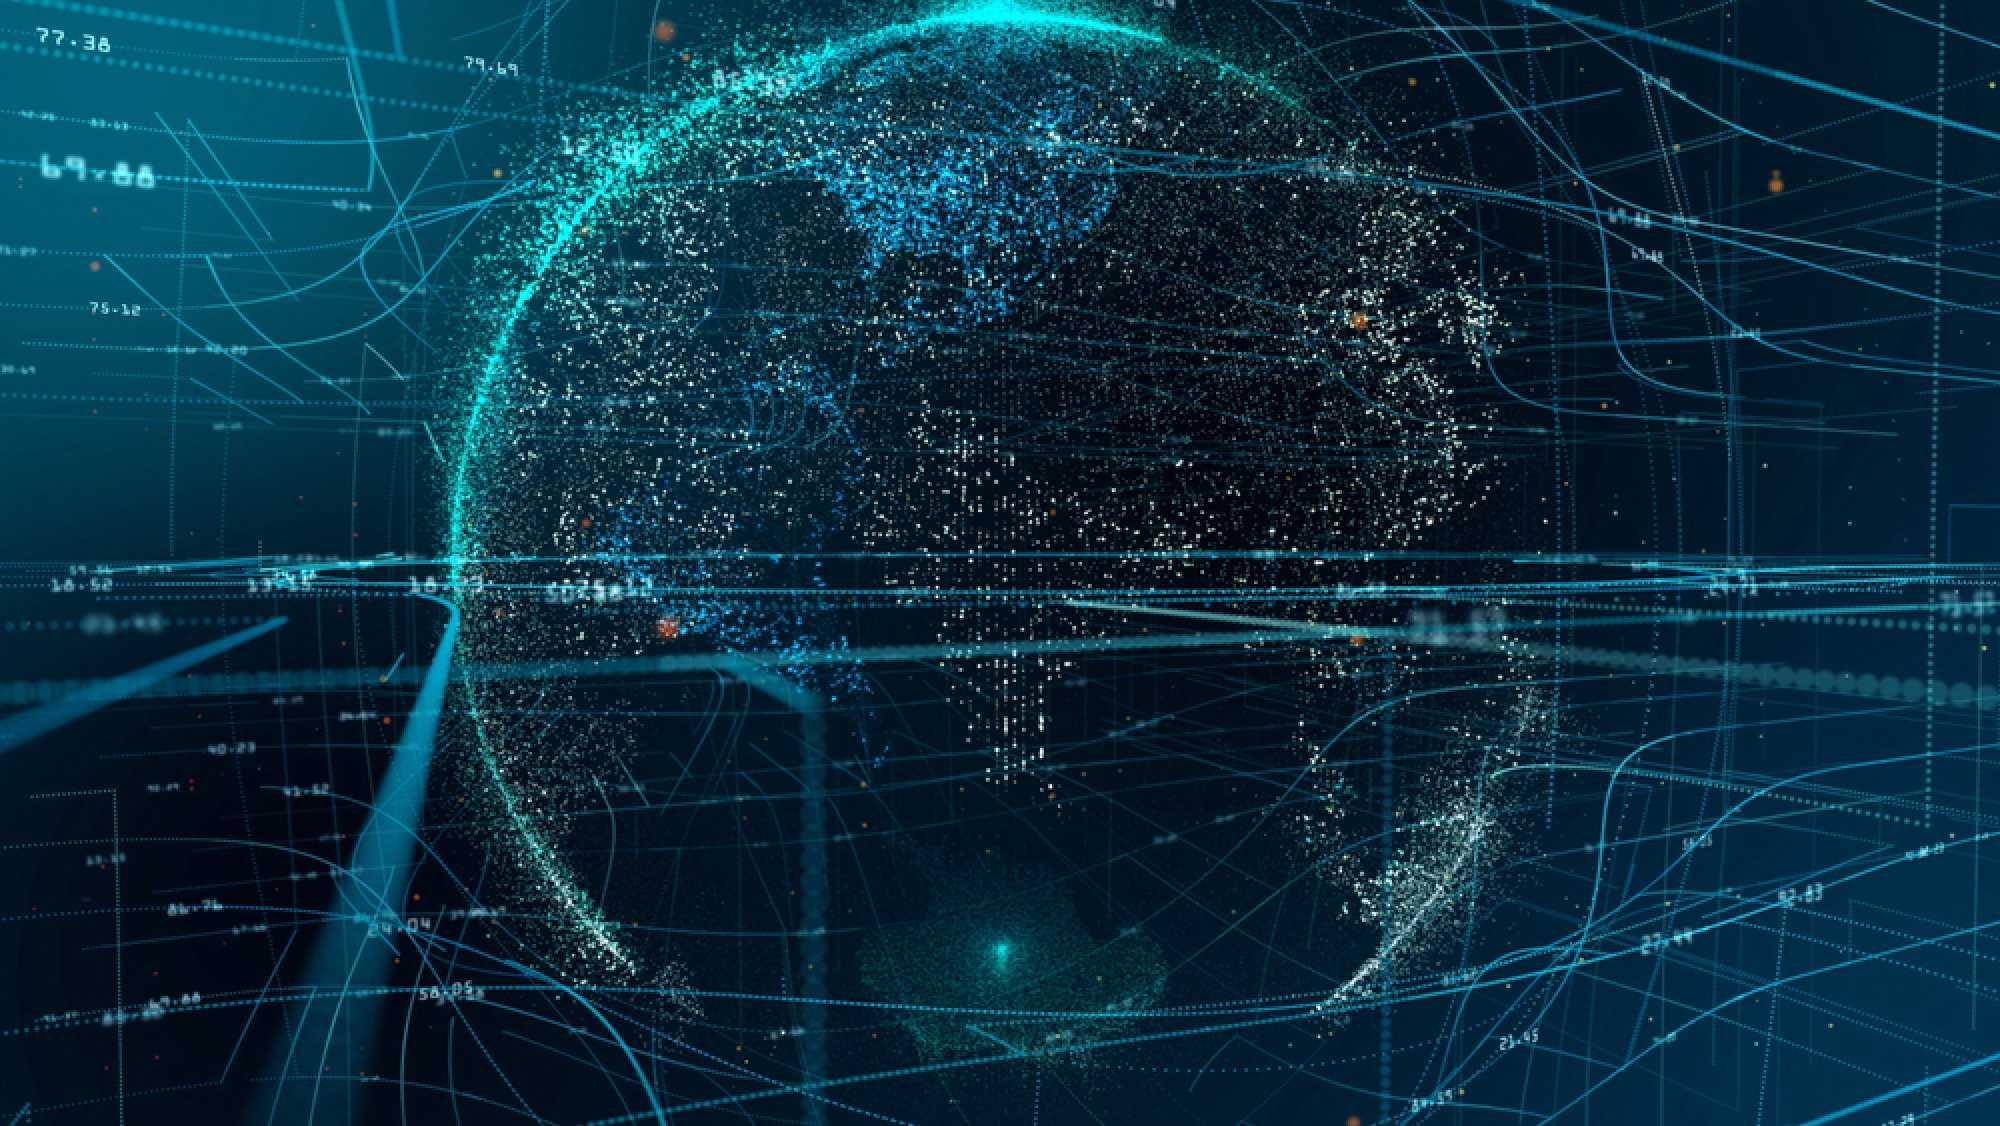 Missing Link: KI - die Künstlichen Idioten des digitalen Kapitalismus